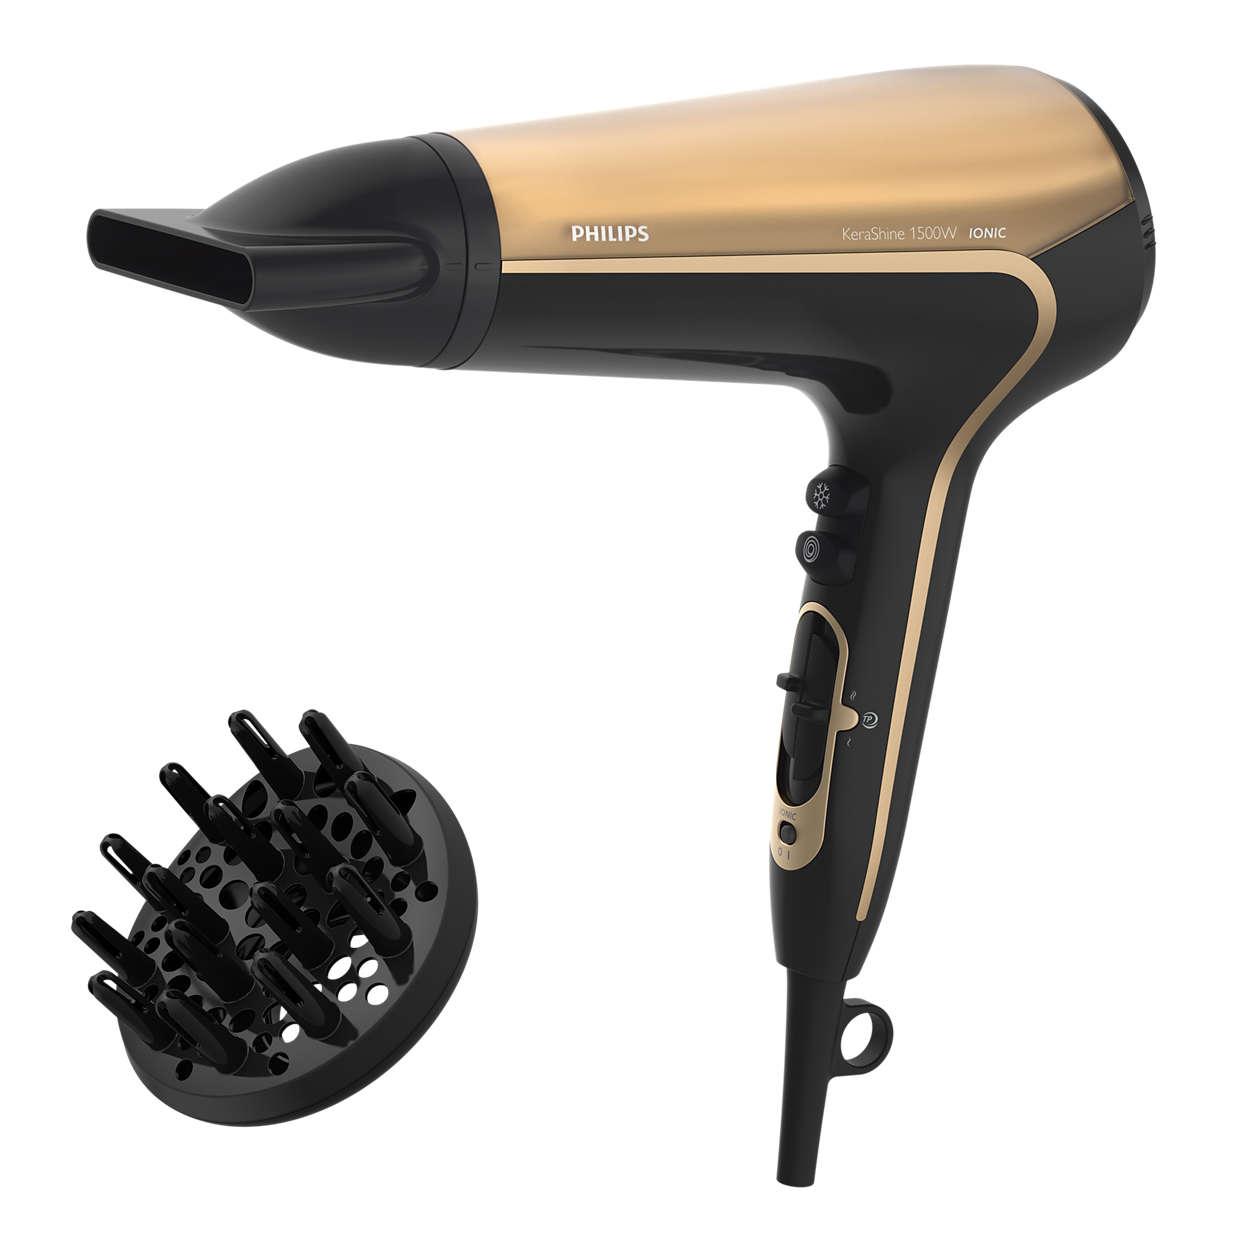 溫控護髮功能,以較低溫度快速吹乾頭髮